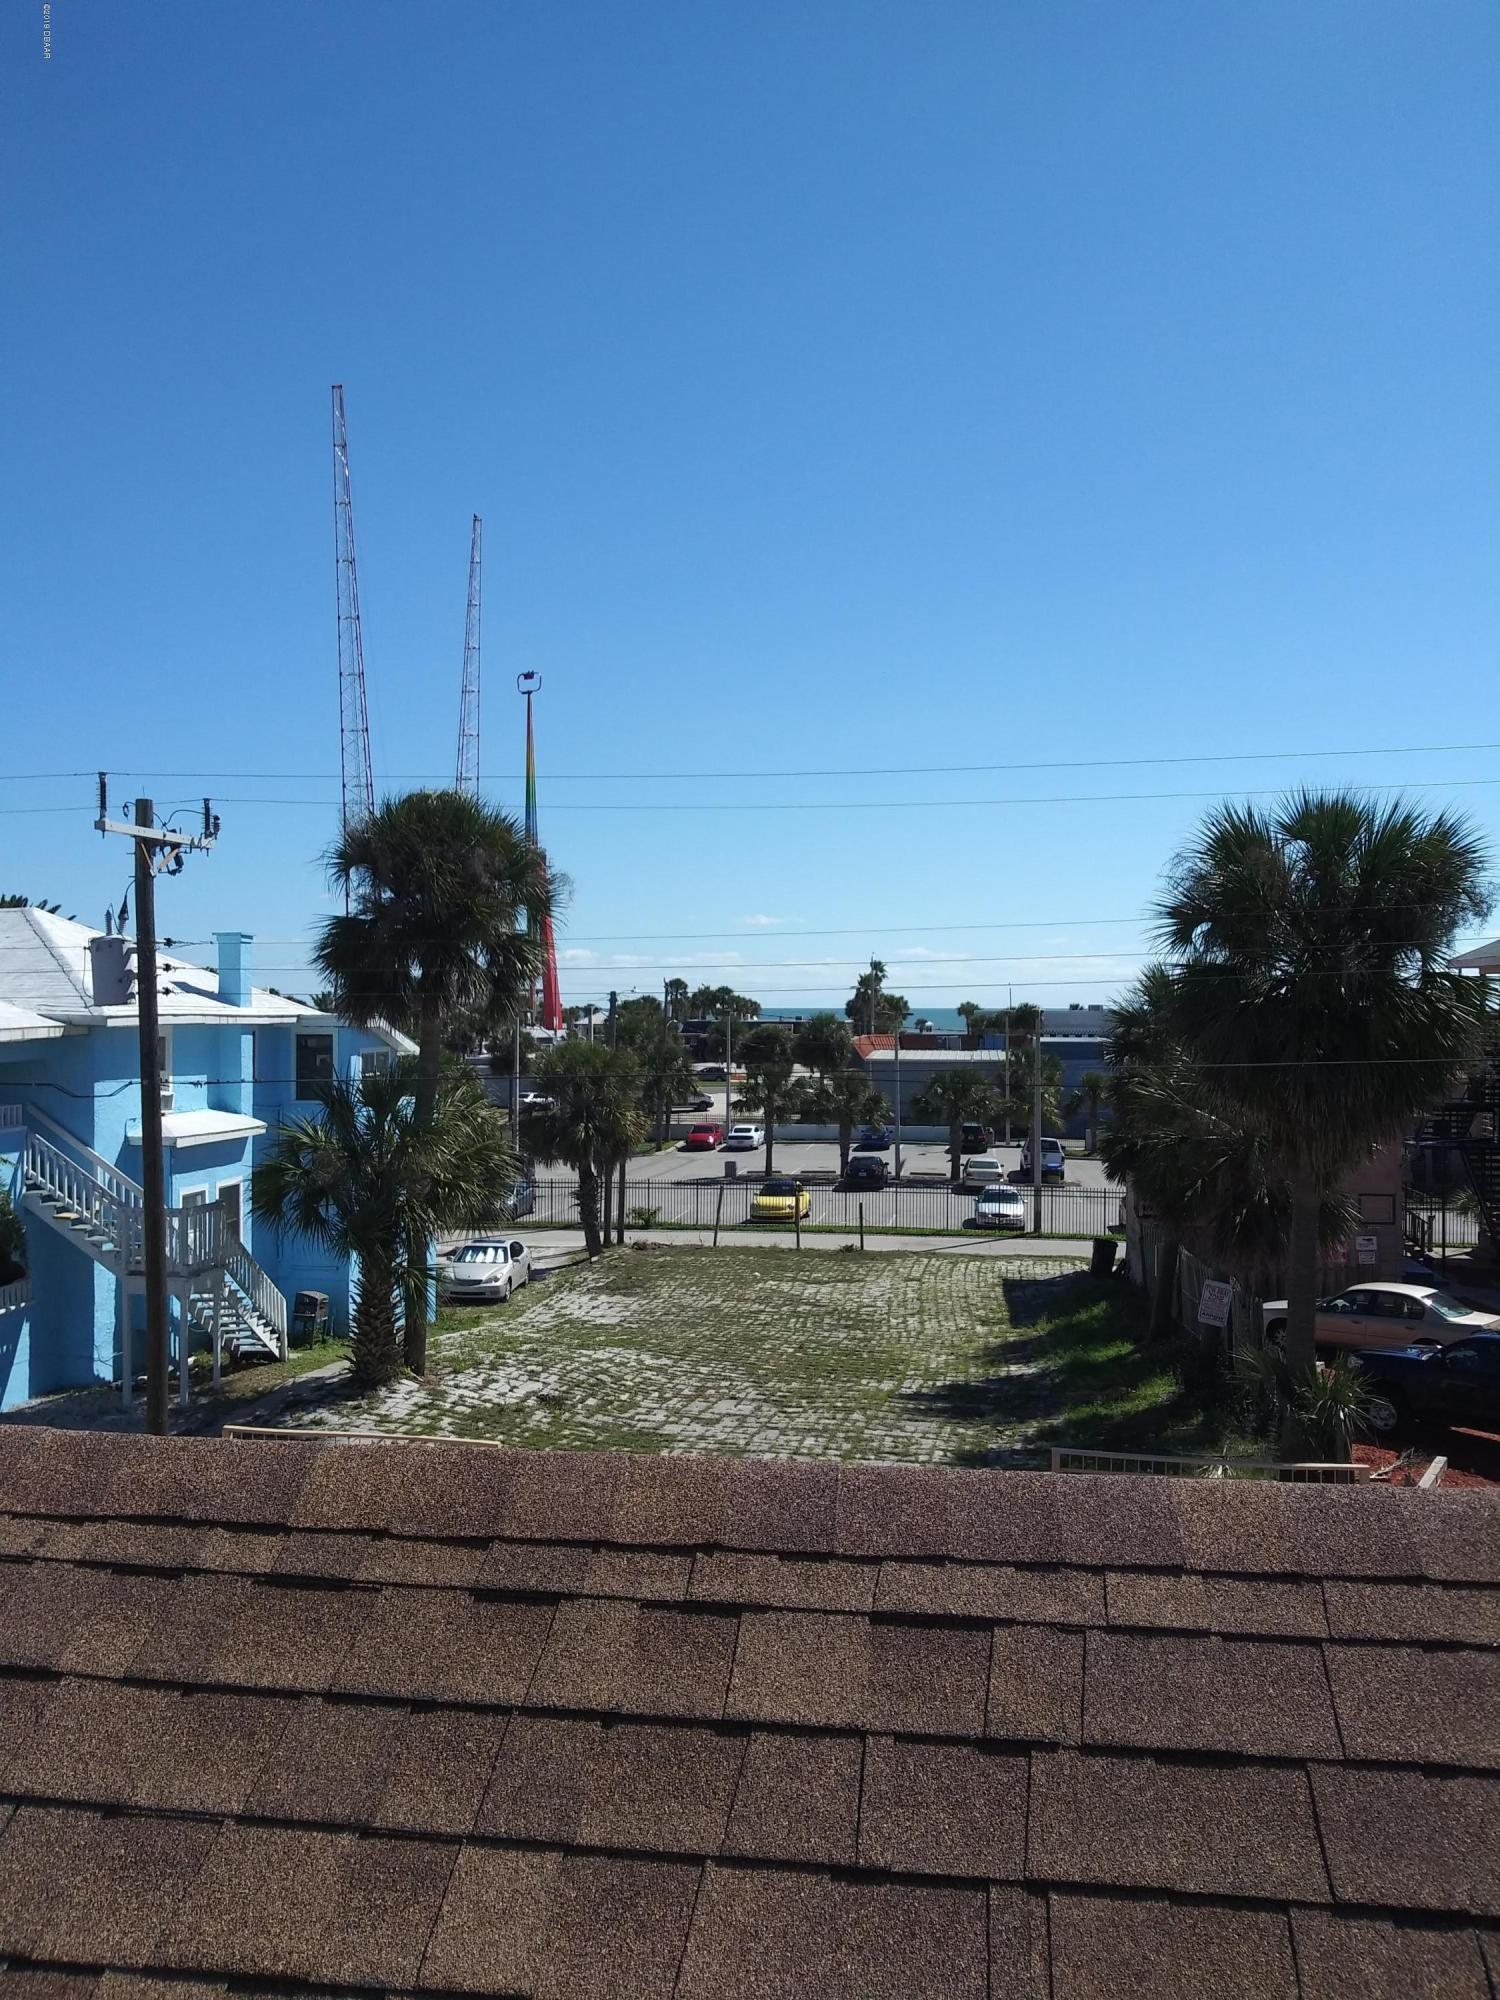 38 Grandview Daytona Beach - 5